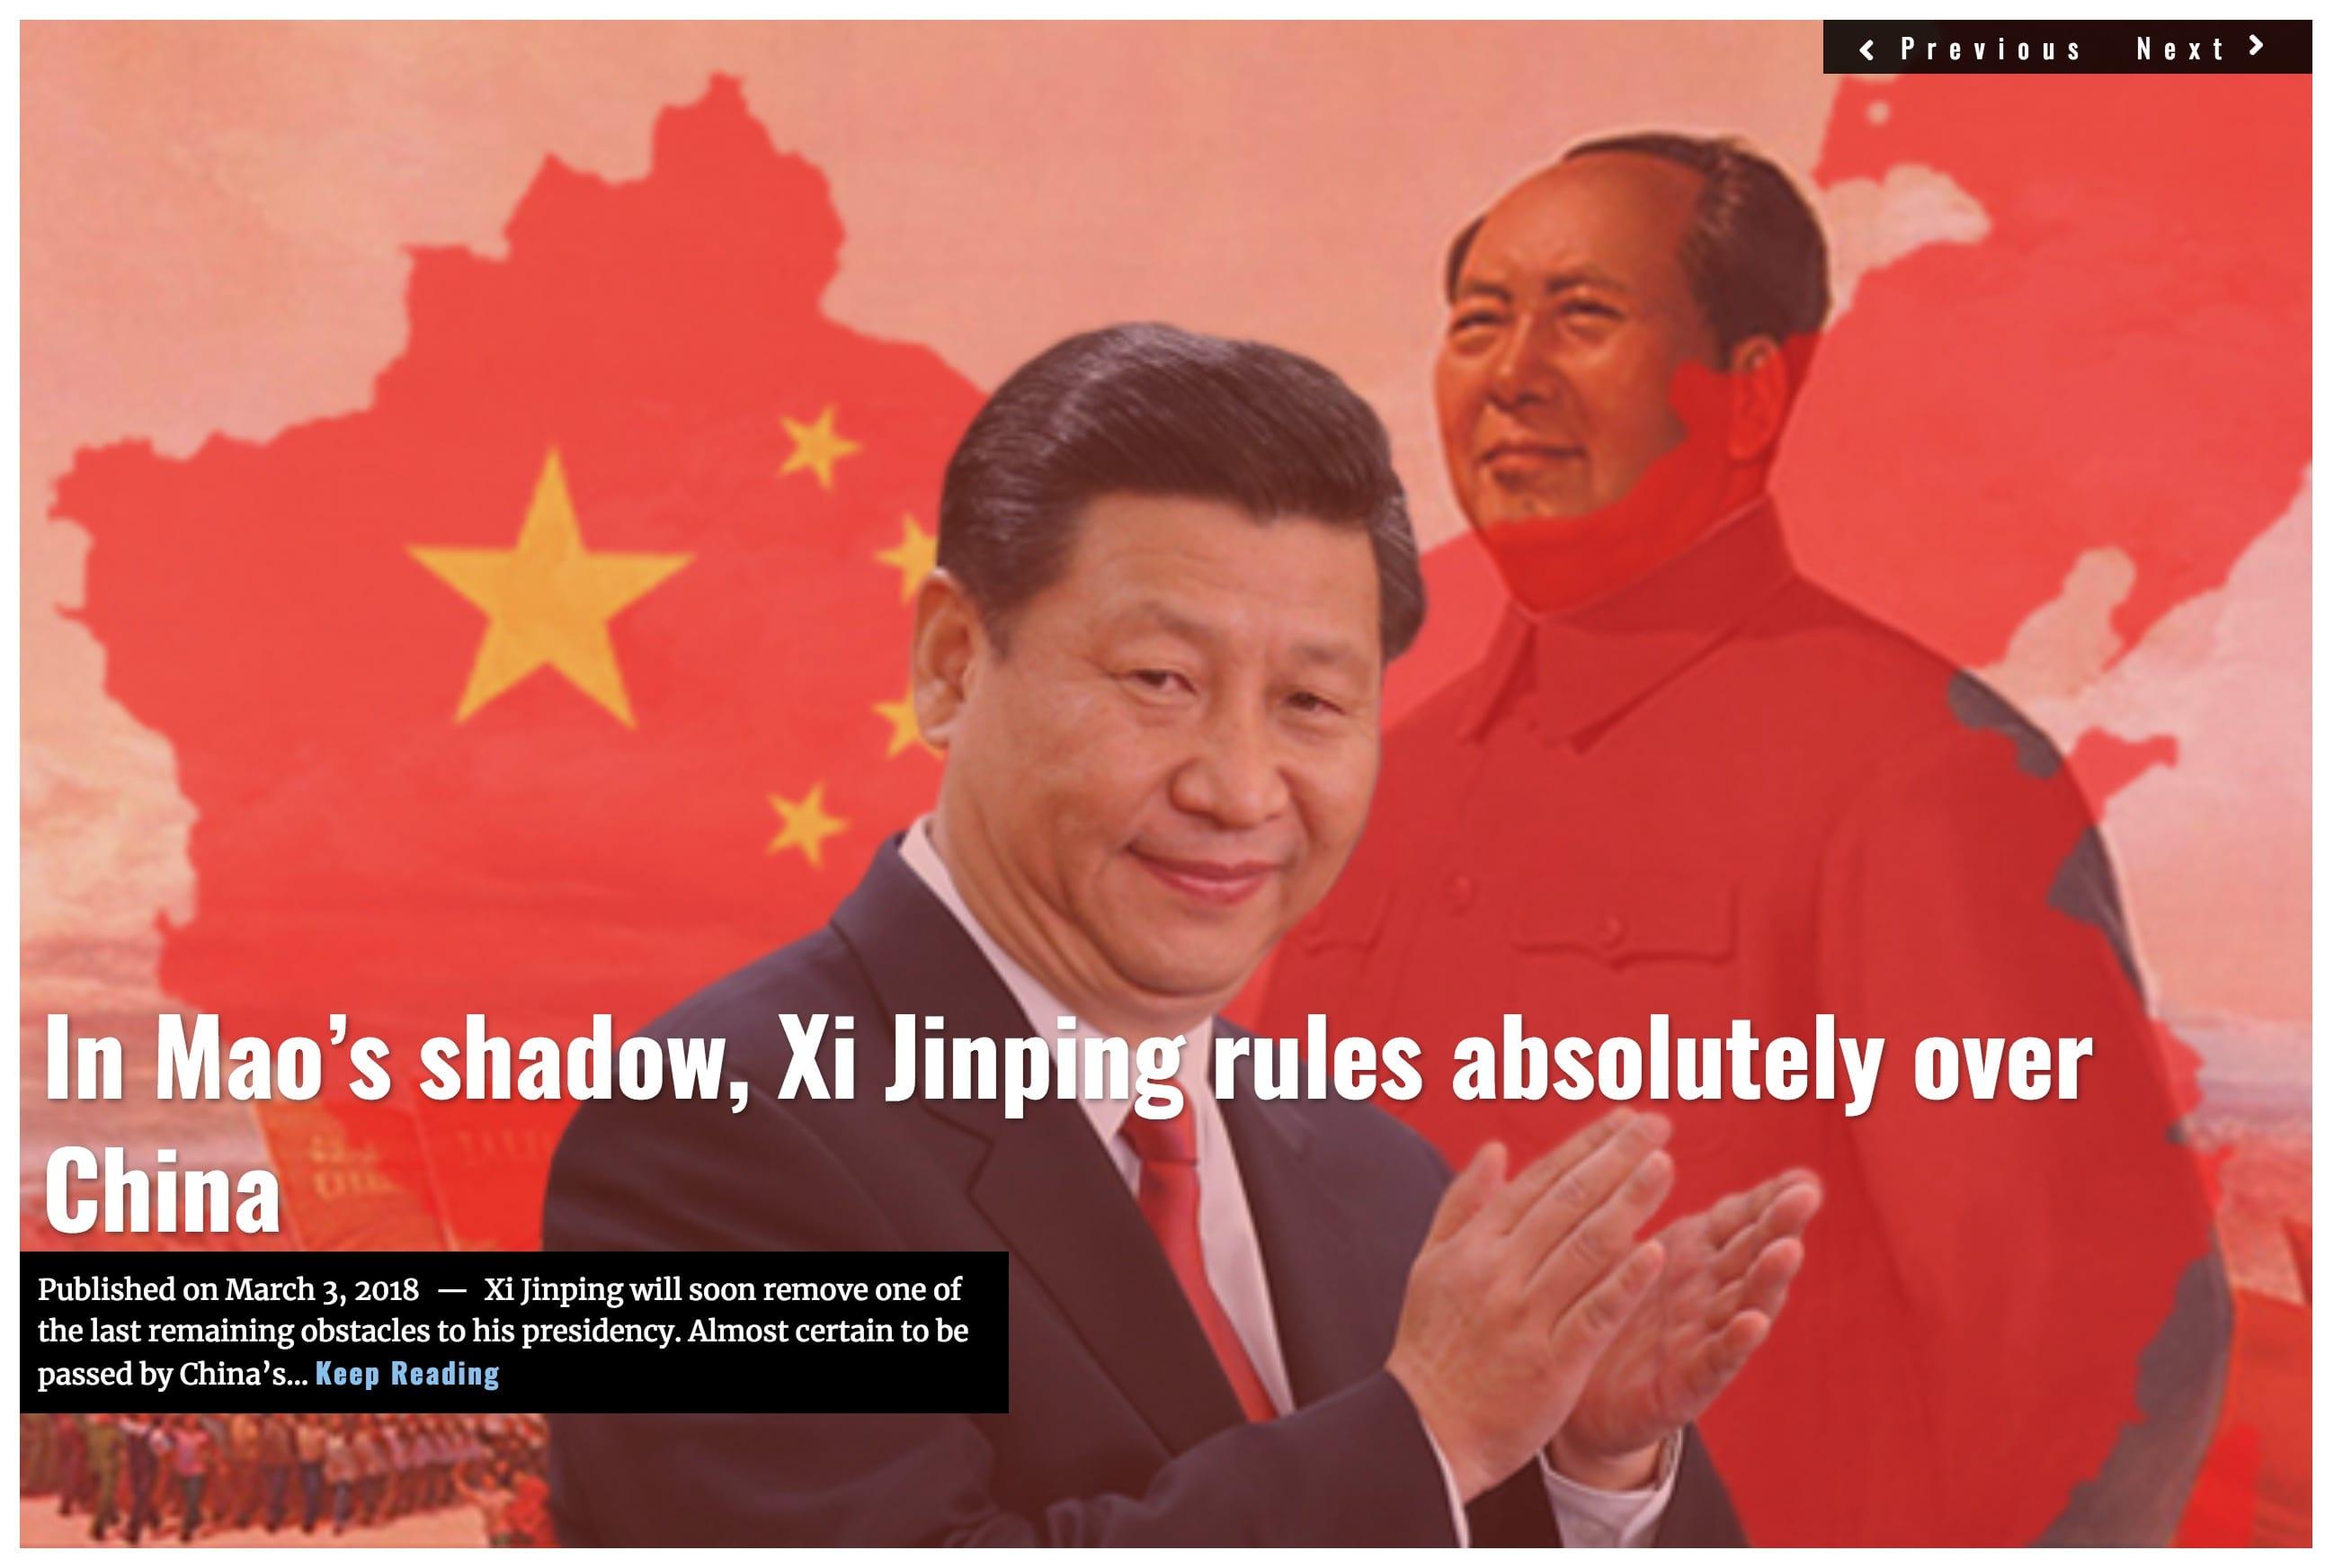 Image Lima Charlie News Headline Xi rule over China Sjoholm MAR 3 2018